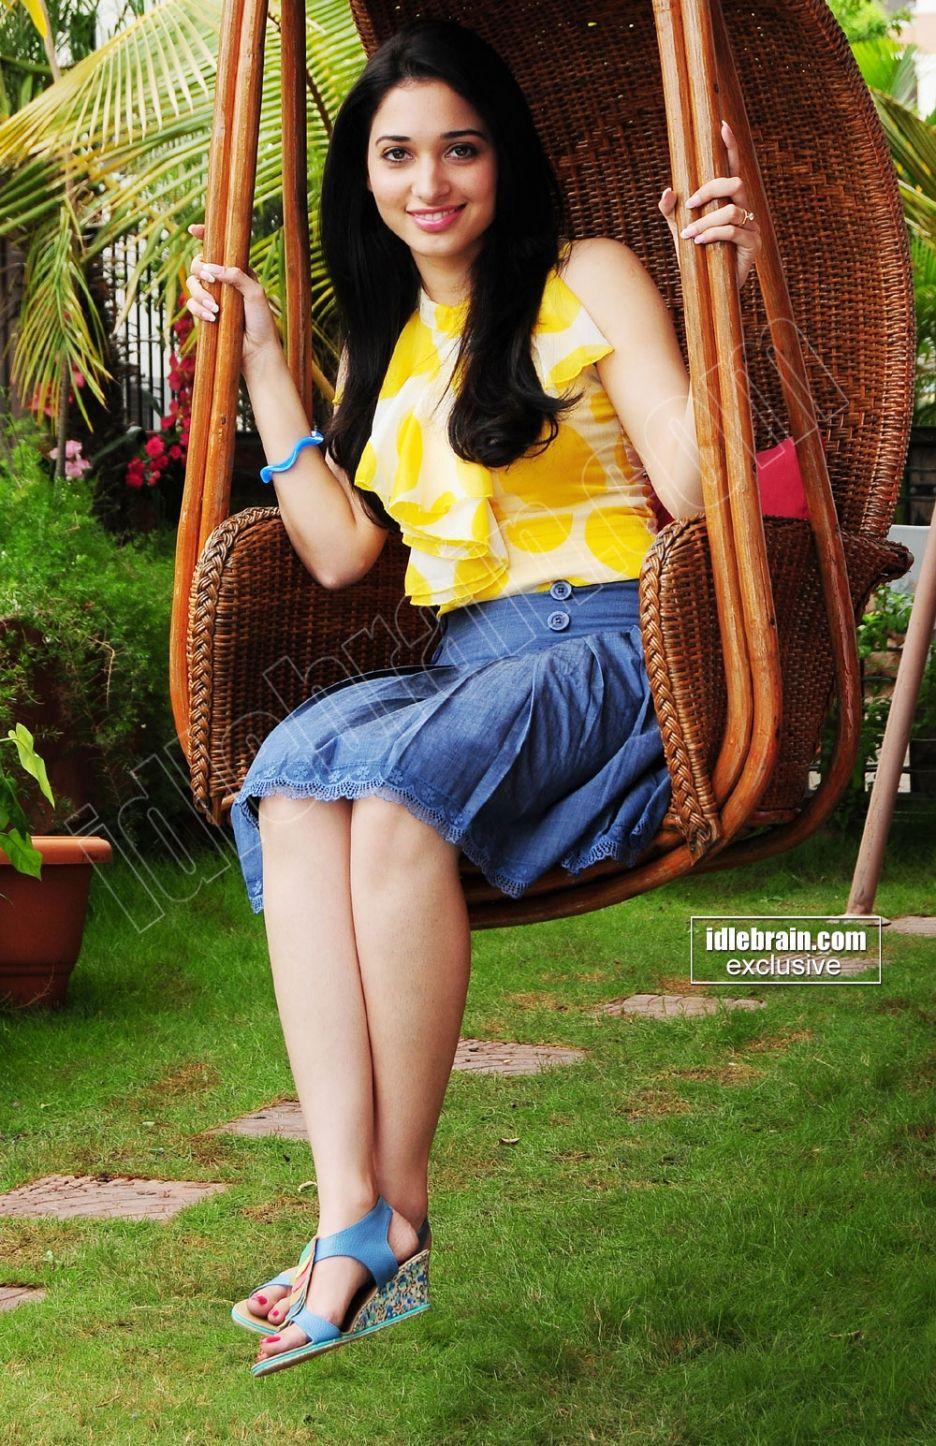 tamanna hot photos - telugu actress tamanna.images hd